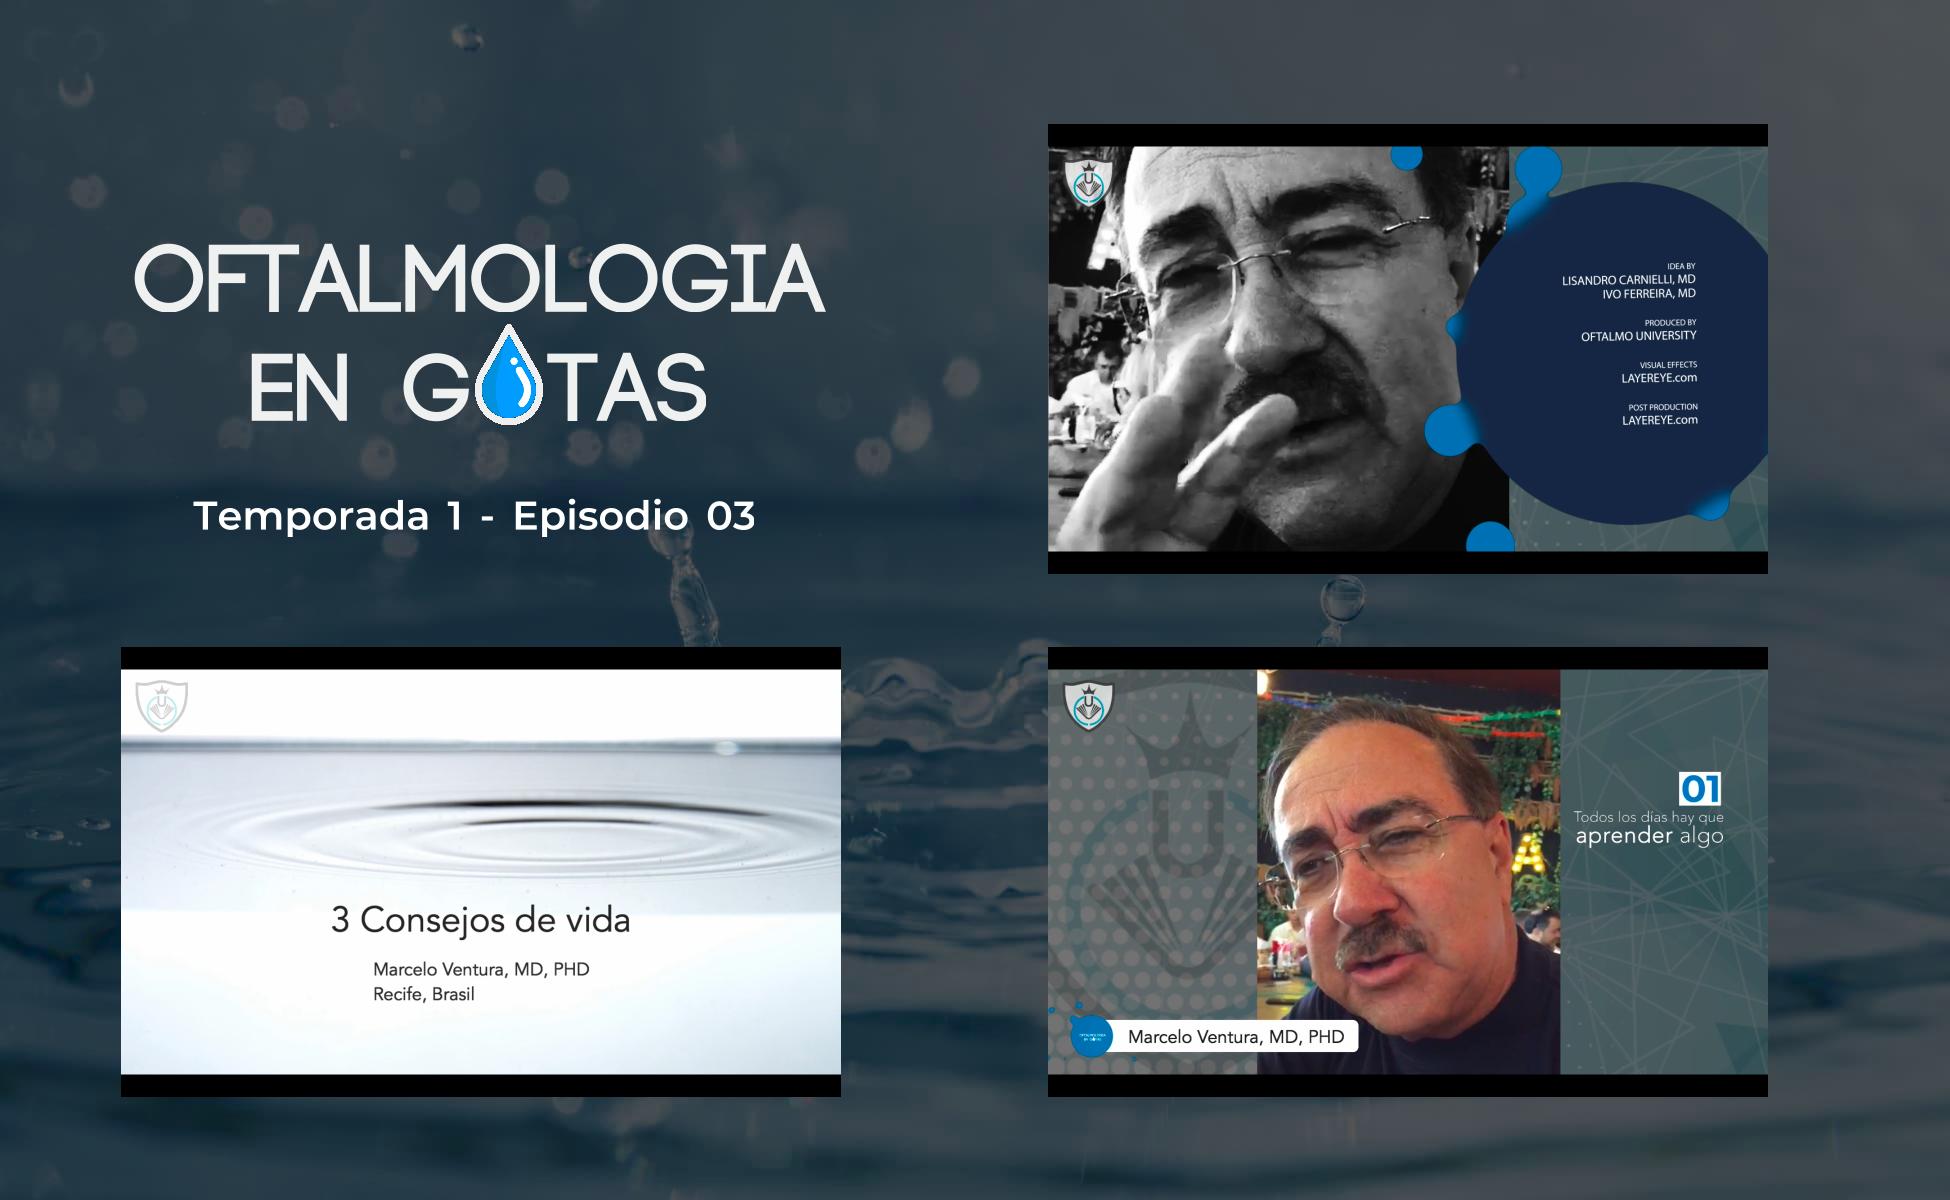 3 Consejos de vida – Marcelo Ventura – Oftalmología en Gotas S01E03